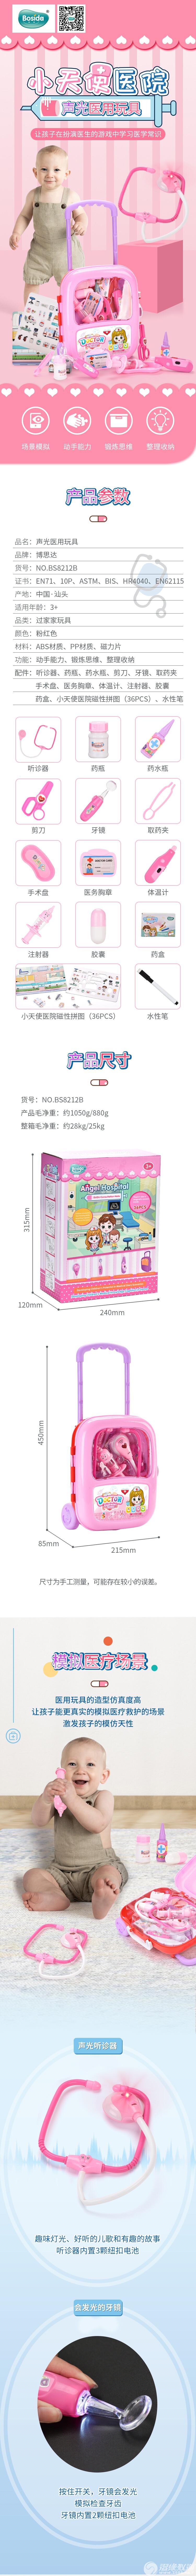 博思达玩具厂-(BS8212B)-声光医生玩具-中文版详情页1.jpg